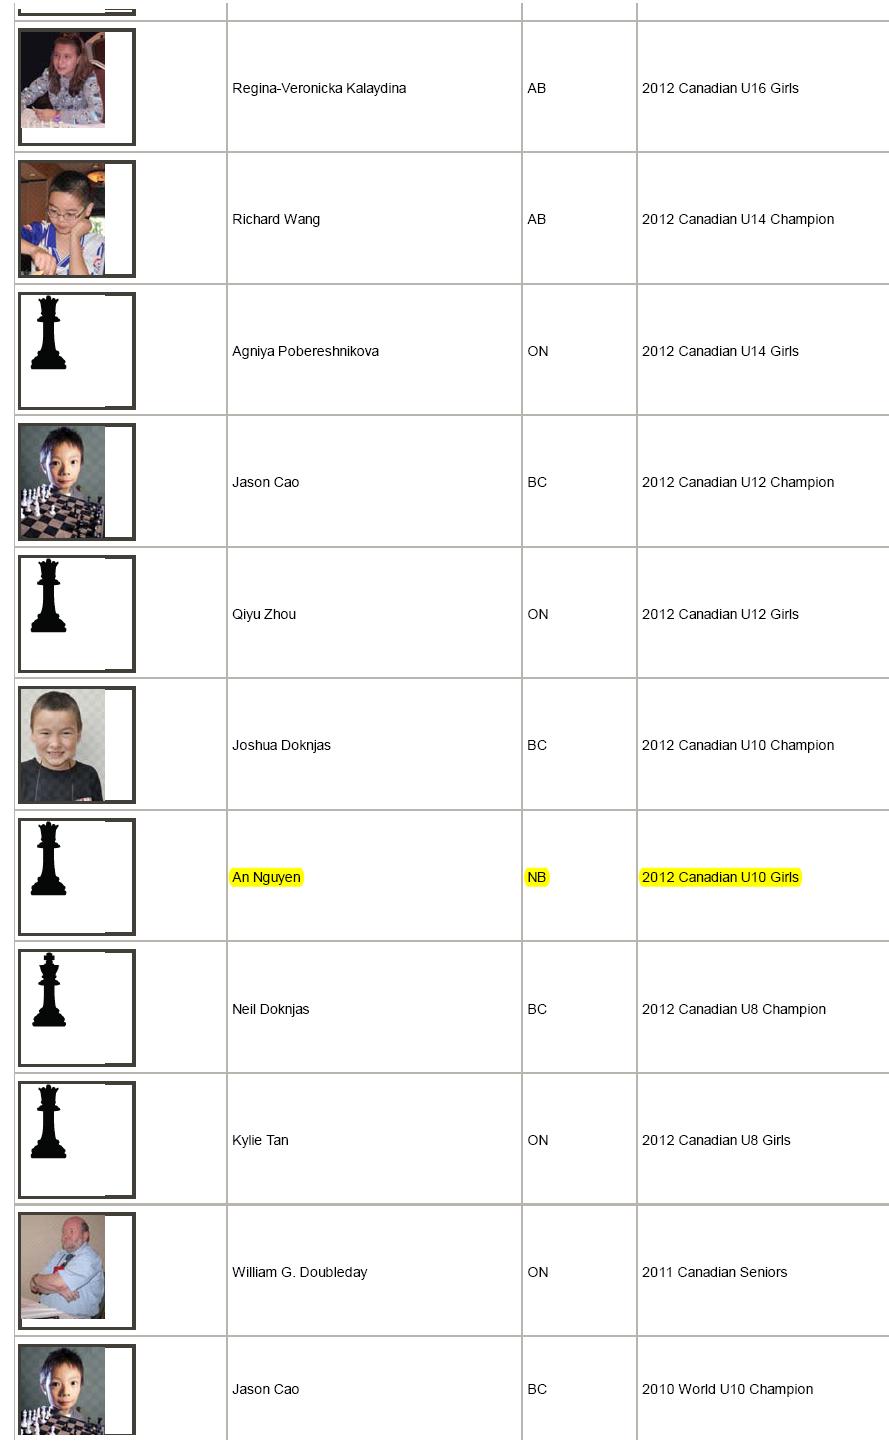 An Nguyen dành giải vô địch cờ vua Canada 2012 cho tỉnh bang New Brunswick độ tuổi U10